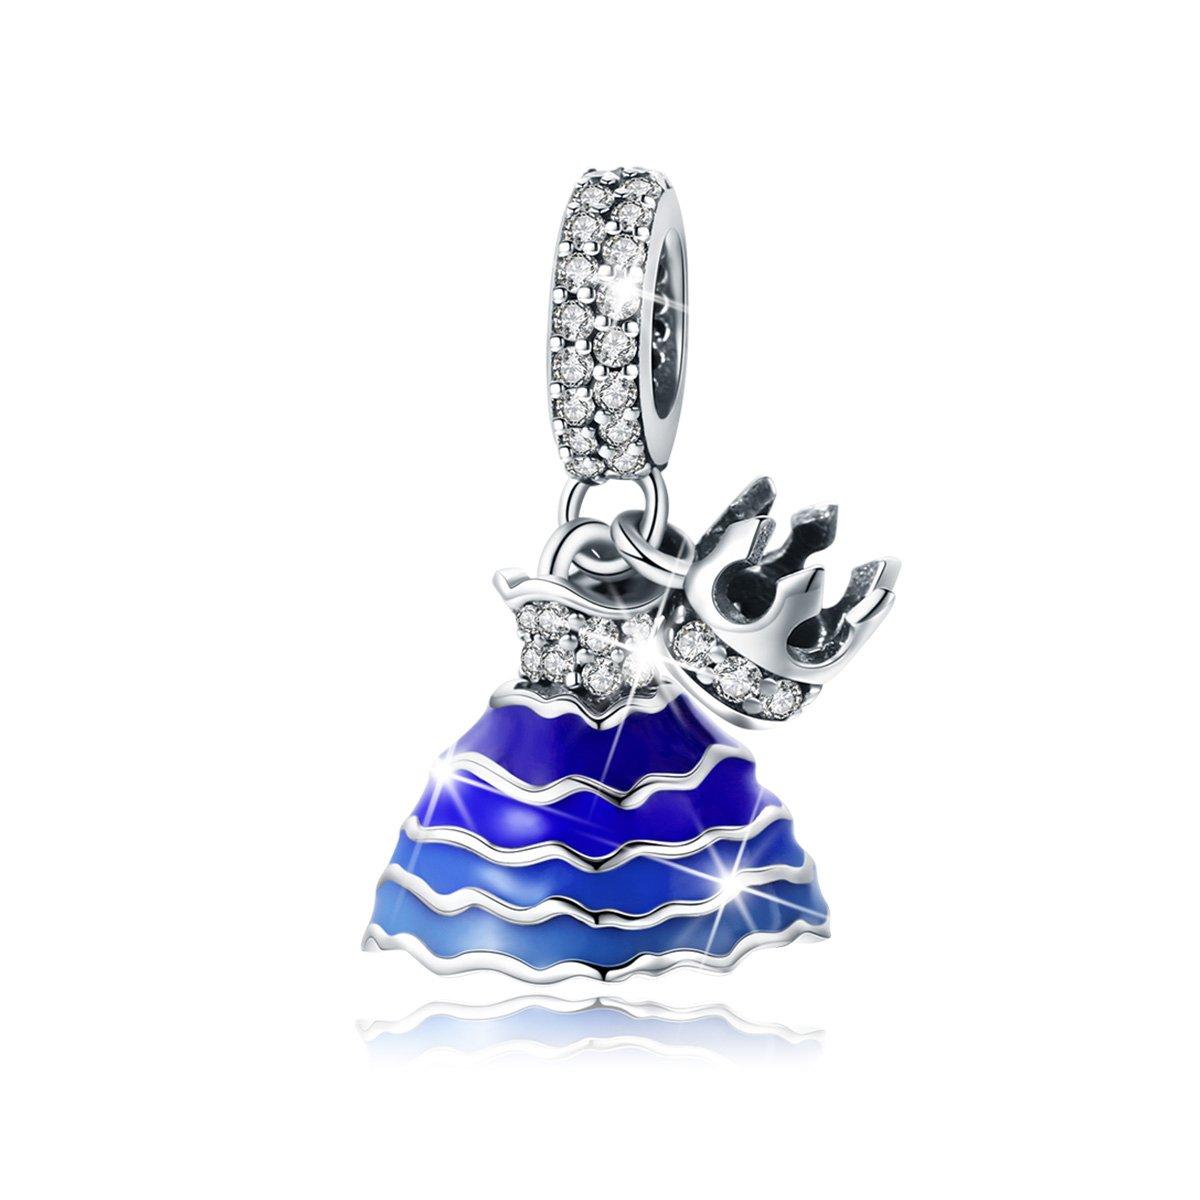 BAMOER 925 Sterling Silver Dream of Princess Love CZ Bead Charm for DIY Snake Chain Bracelet